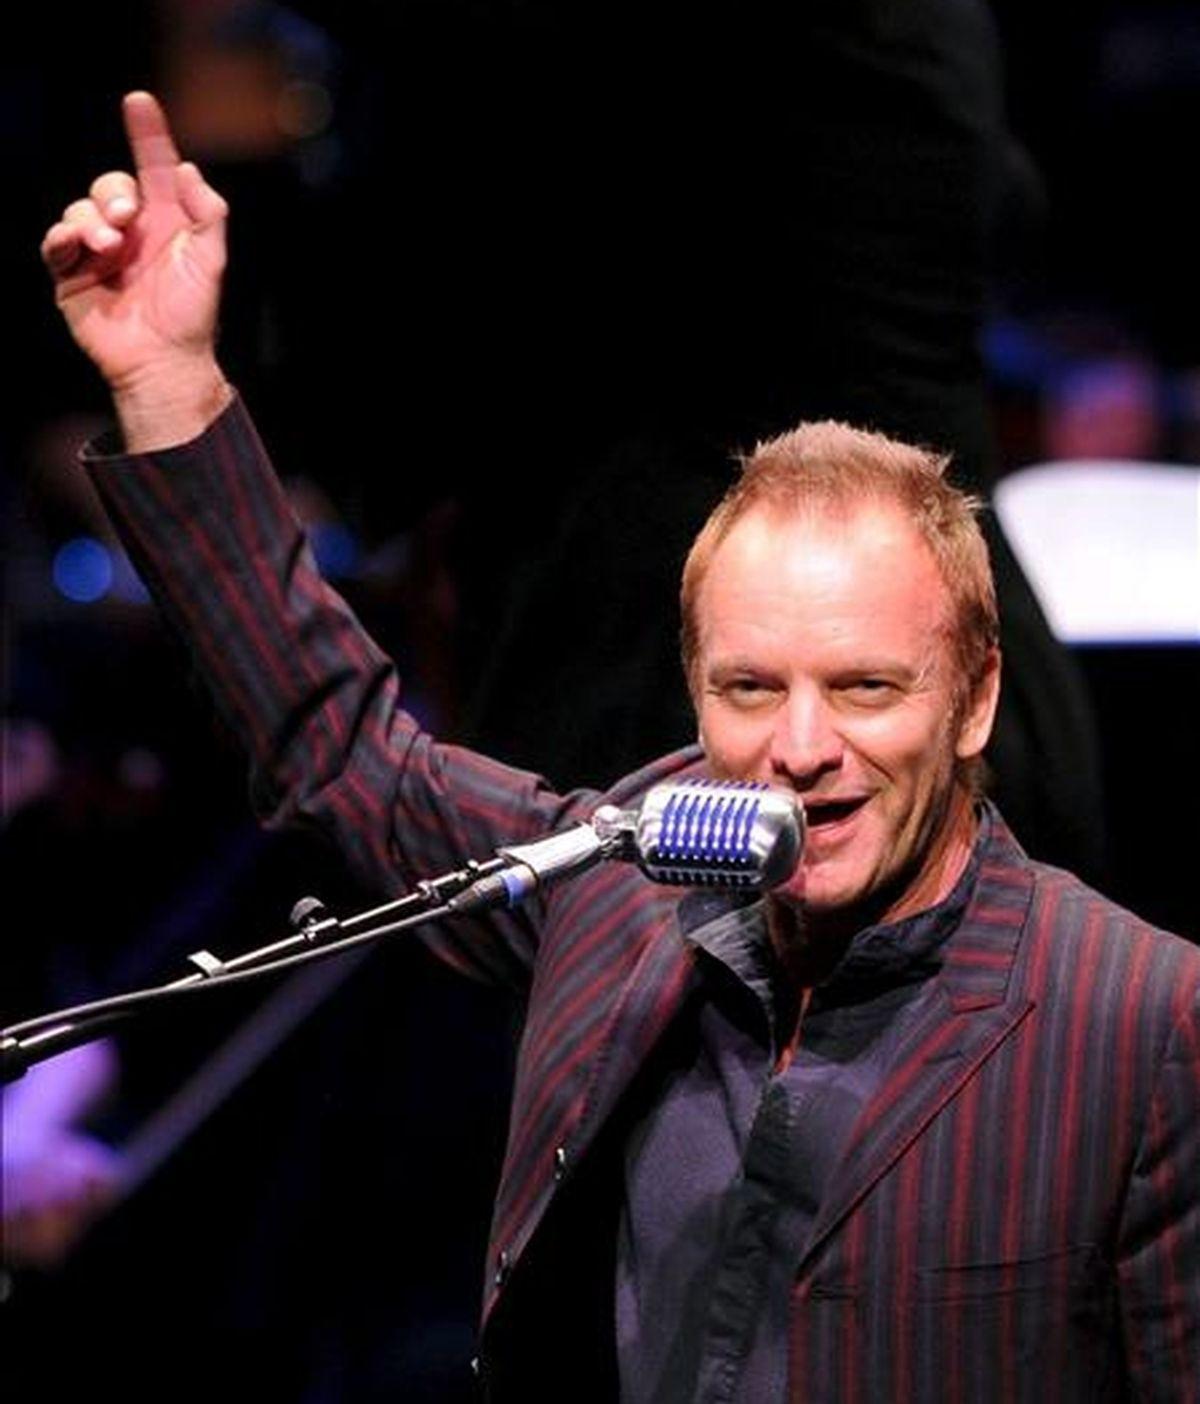 El cantante británico Sting interpreta una canción junto a la Joven Orquesta de Alemania durante un concierto ofrecido en Wolfsburgo (Alemania). EFE/Archivo